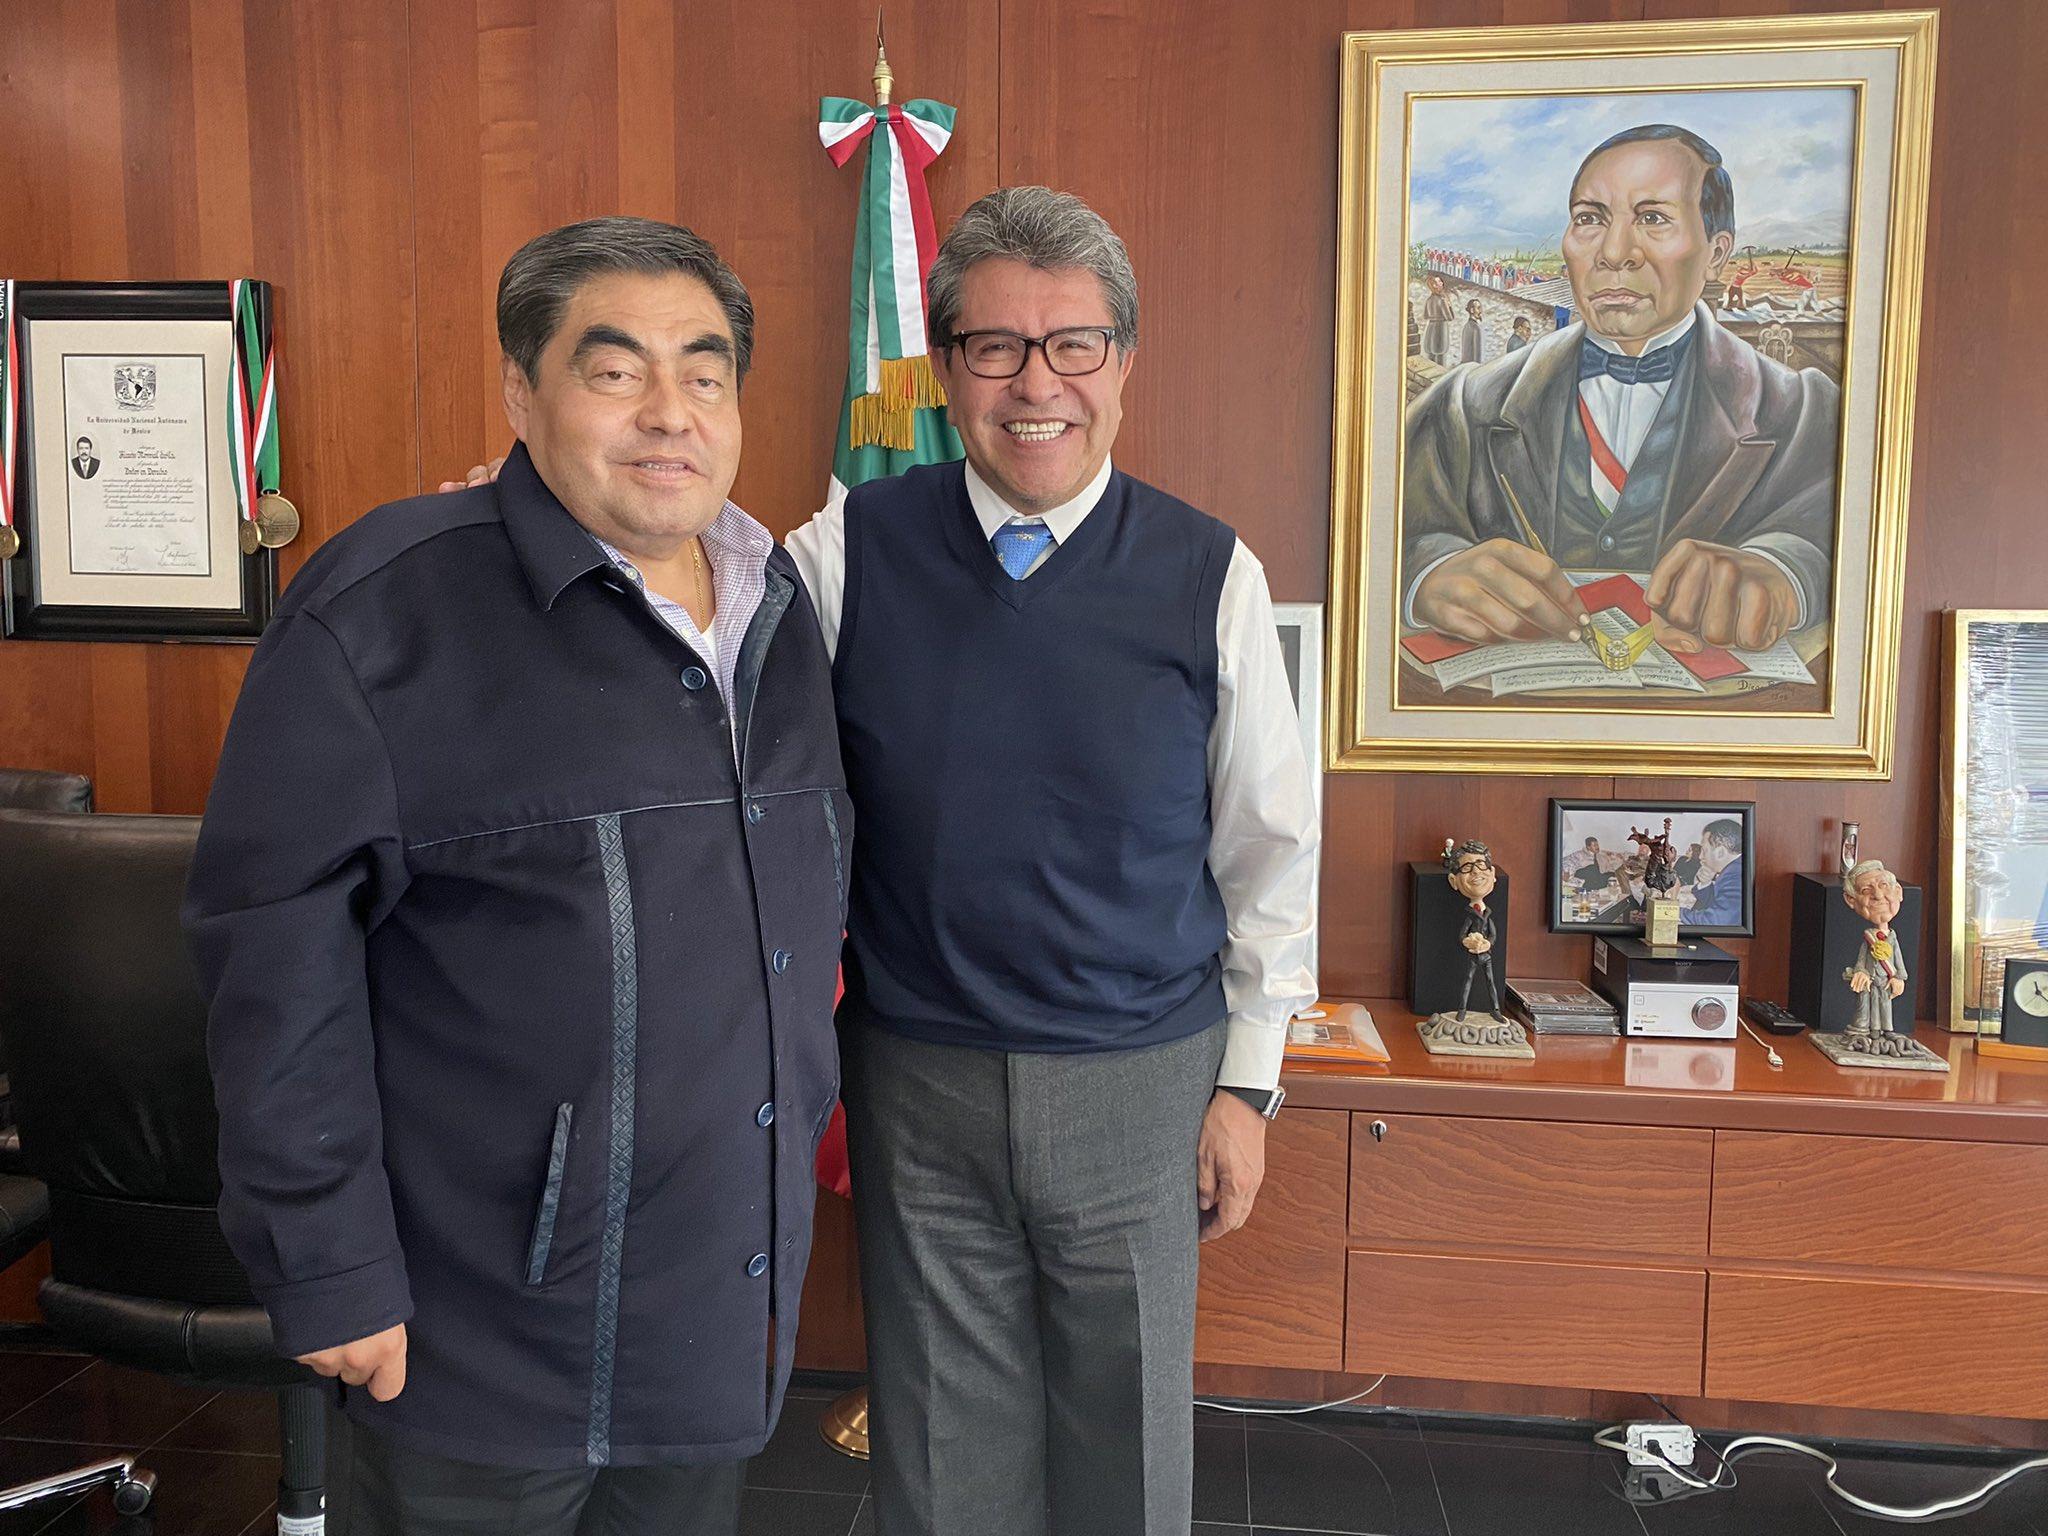 Agenda legislativa, revocación de mandato y juicio político: temas de una «plática amigable y sincera» entre Ricardo Monreal y Miguel Barbosa Huerta